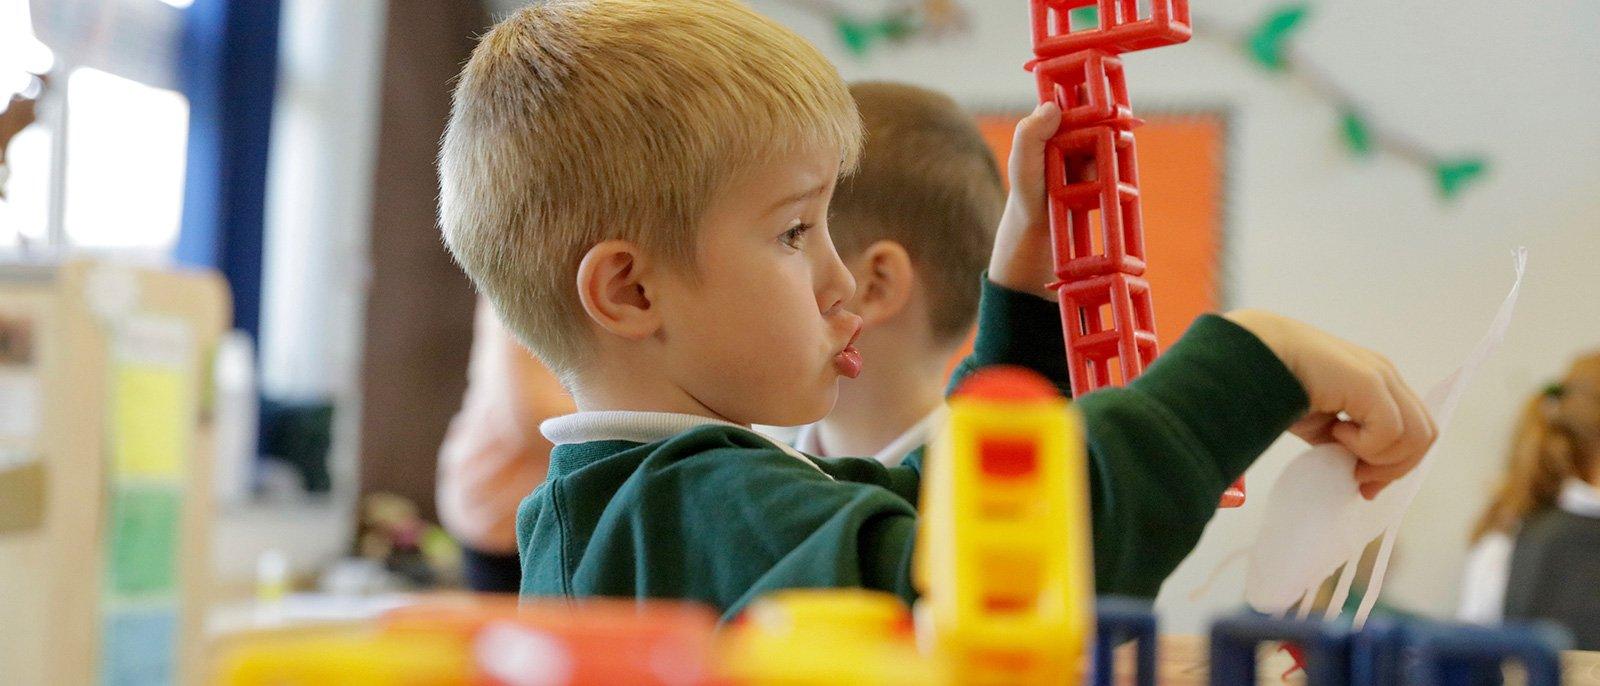 Estcots Primary School